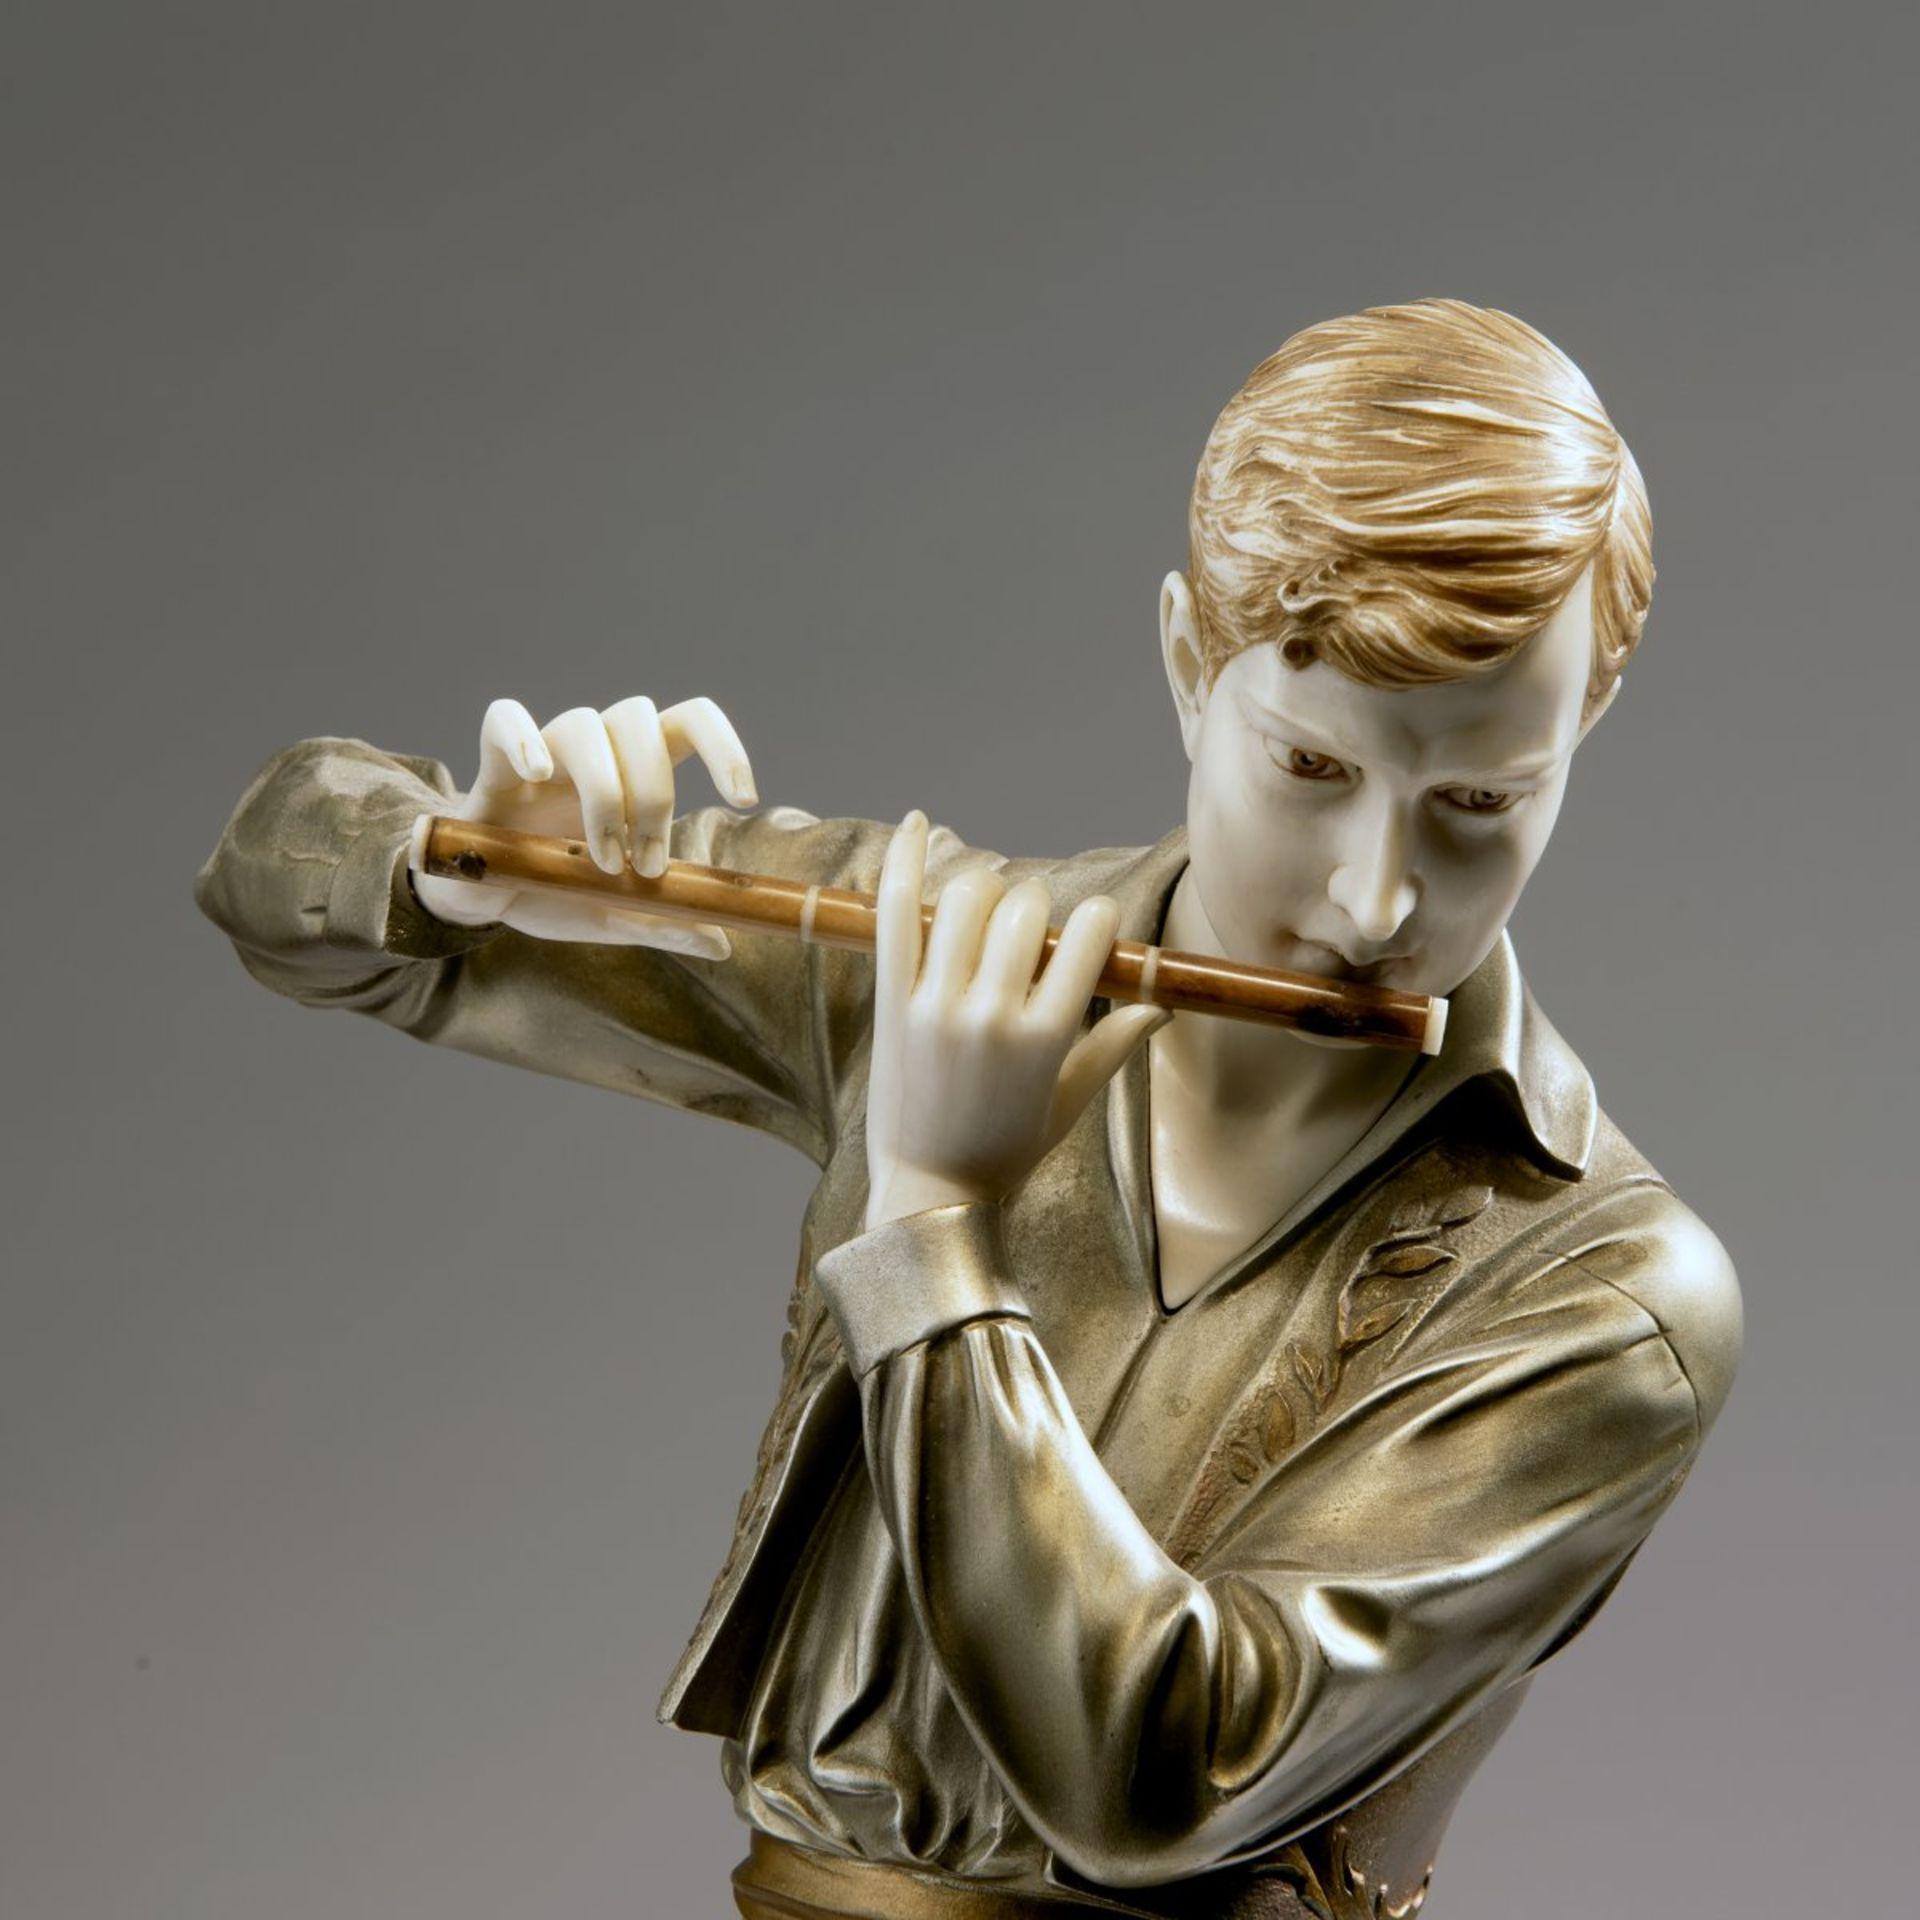 Ferdinand Preiss, 'Flötenspieler', um 1930 - Bild 11 aus 15